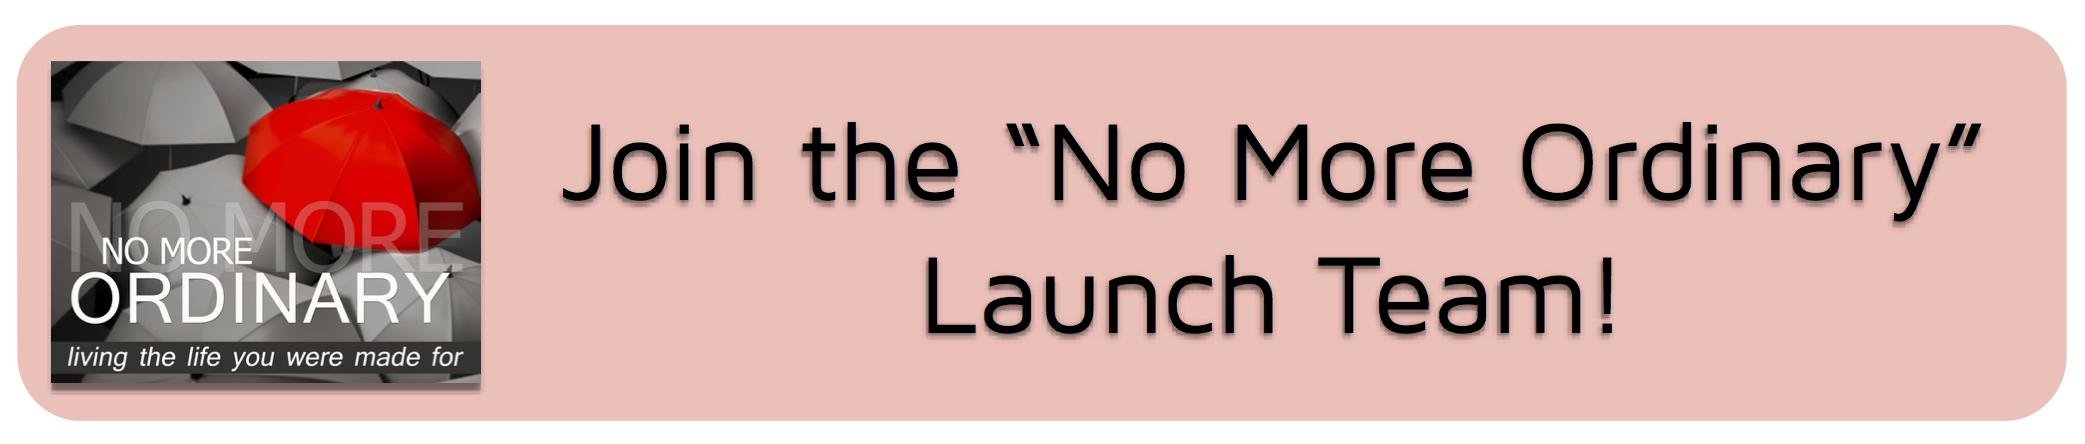 NMO Launch Team Button.jpg